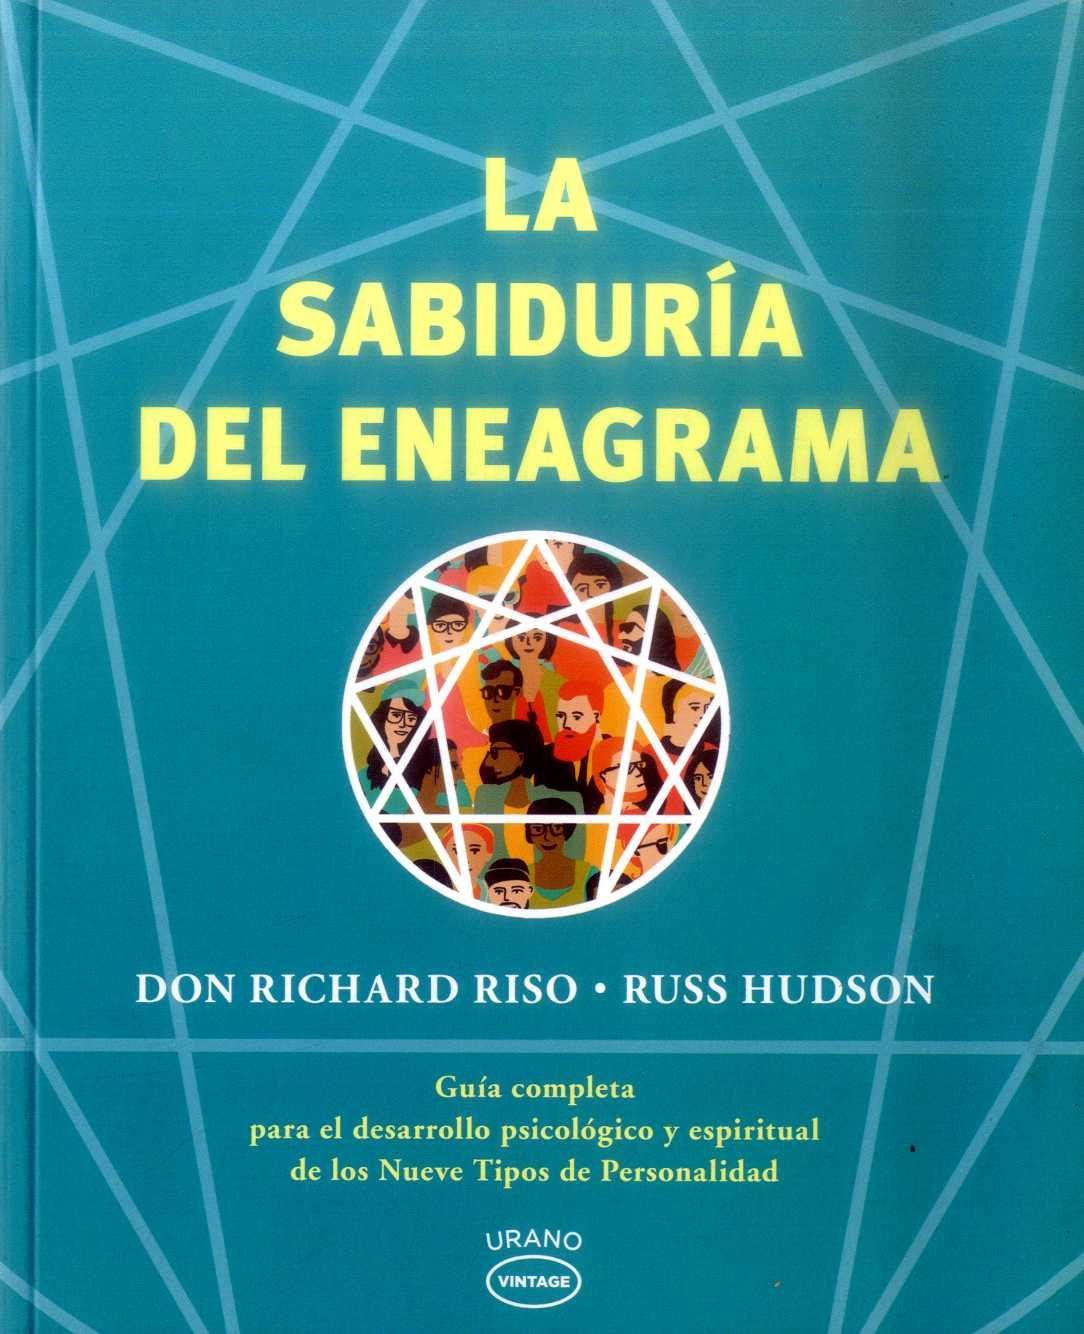 La Sabiduría del Eneagrama - Don Richard Riso,Russ Hudson - Urano